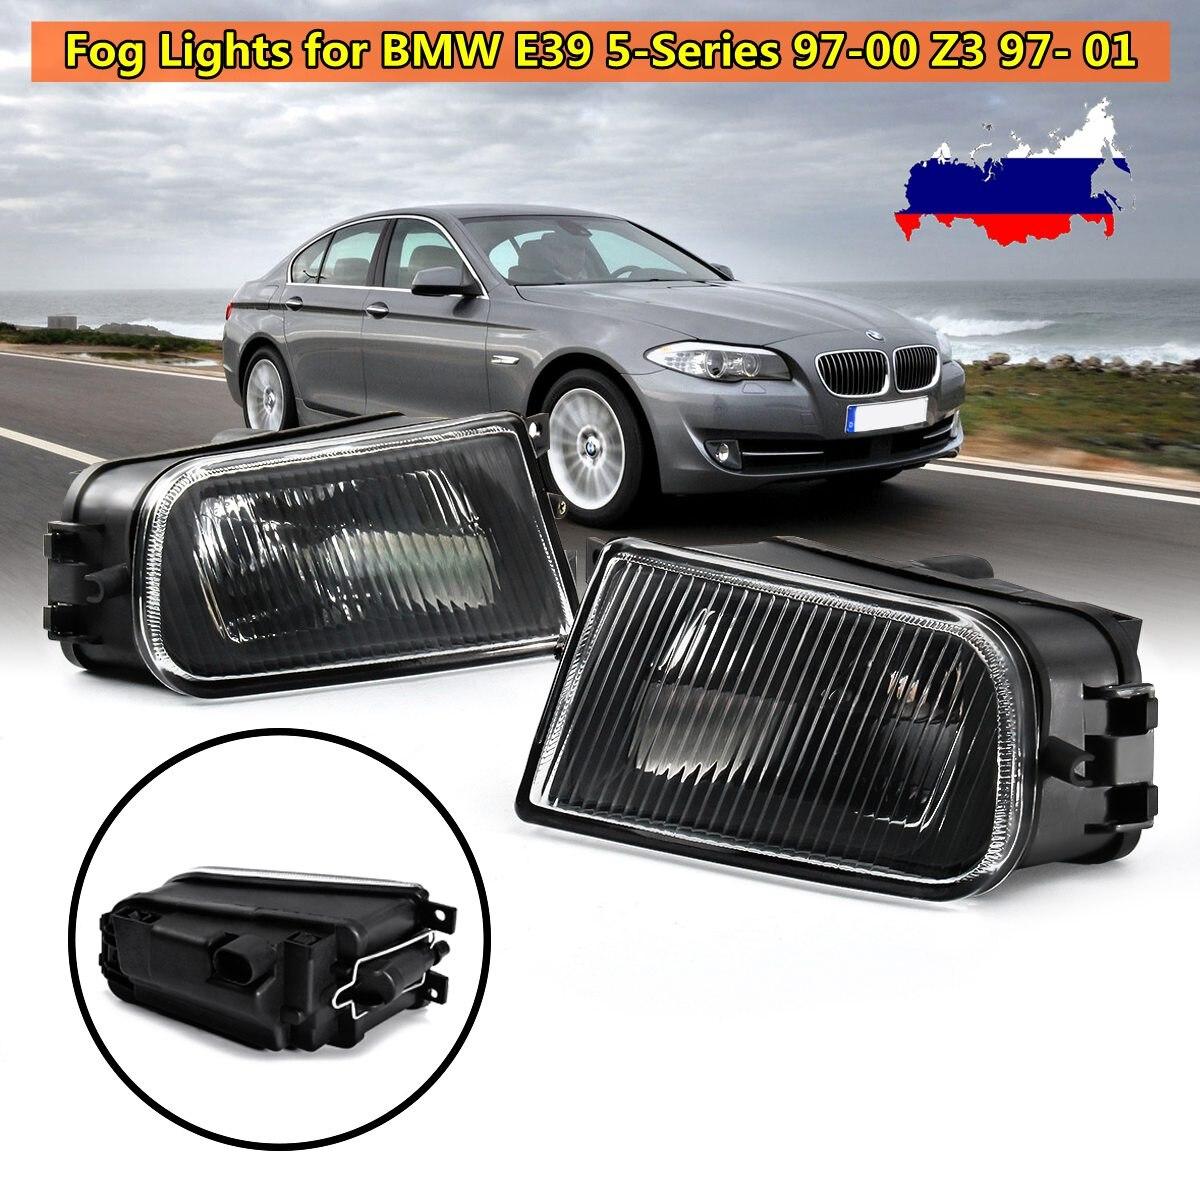 Paire de phares antibrouillard noirs pour BMW E39 série 5 528i 540i 1997-2000 Z3 1997-2001